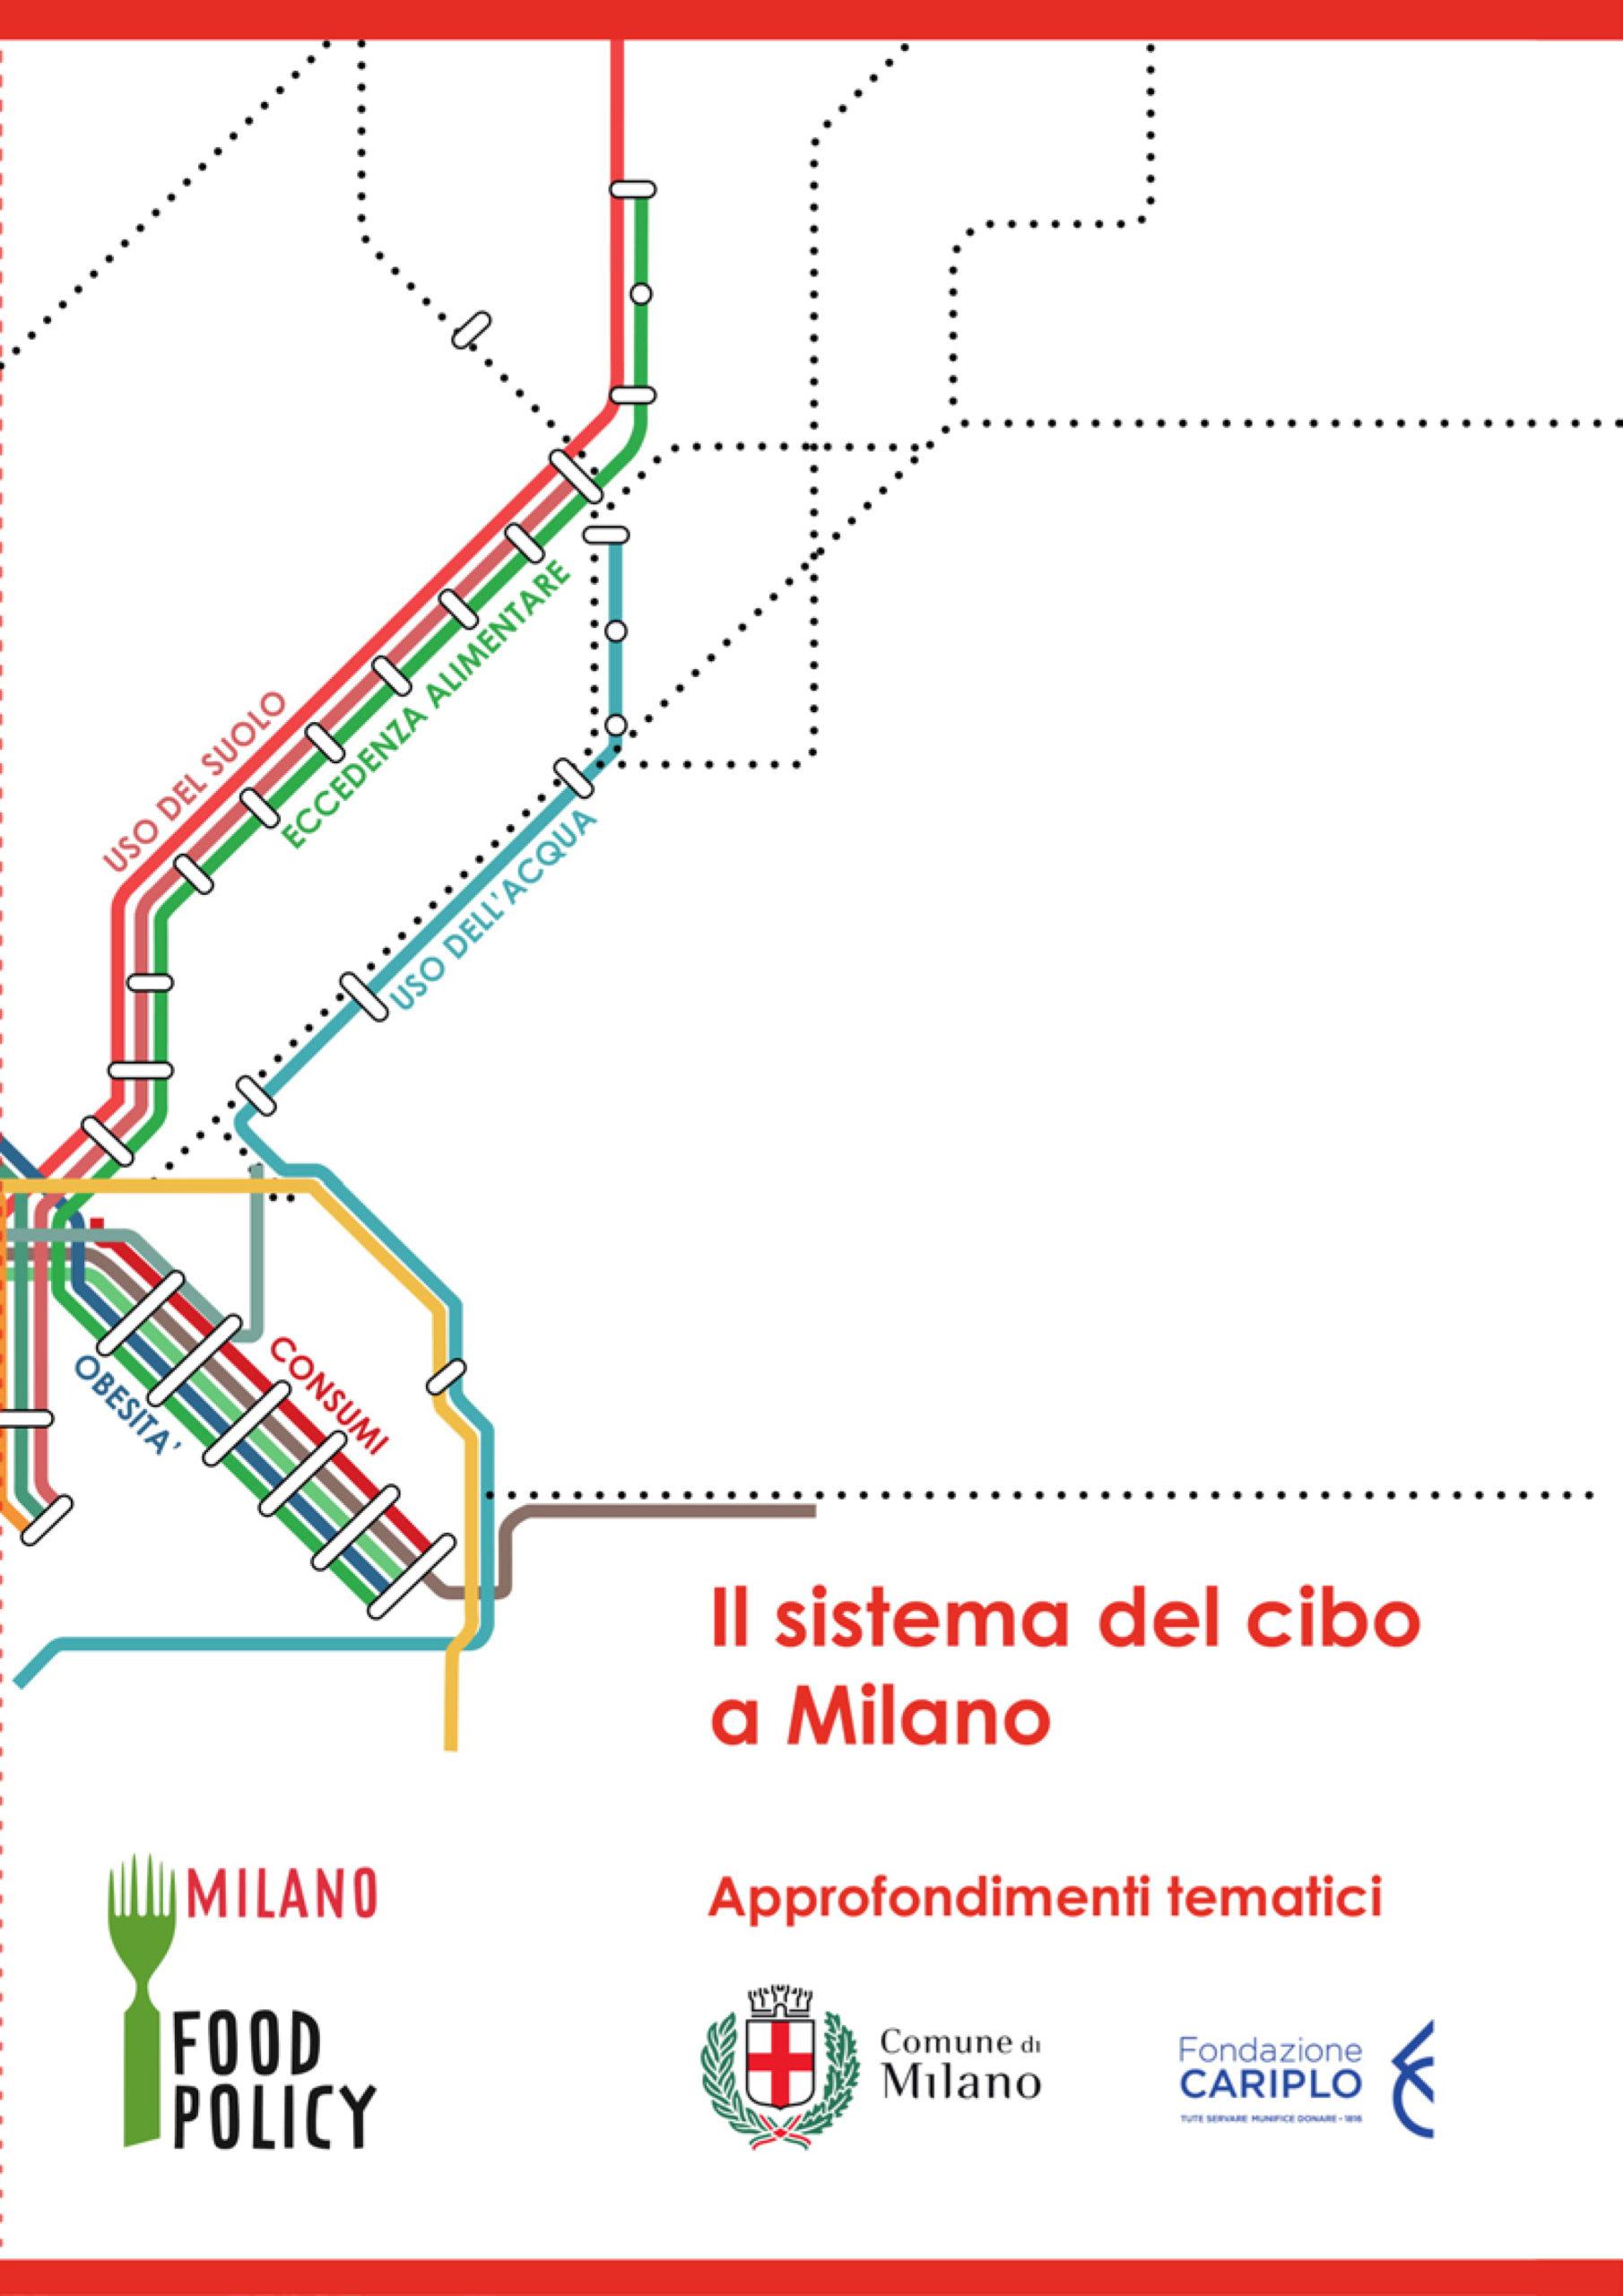 Il Sistema del Cibo a Milano - approfondimenti tematici-1